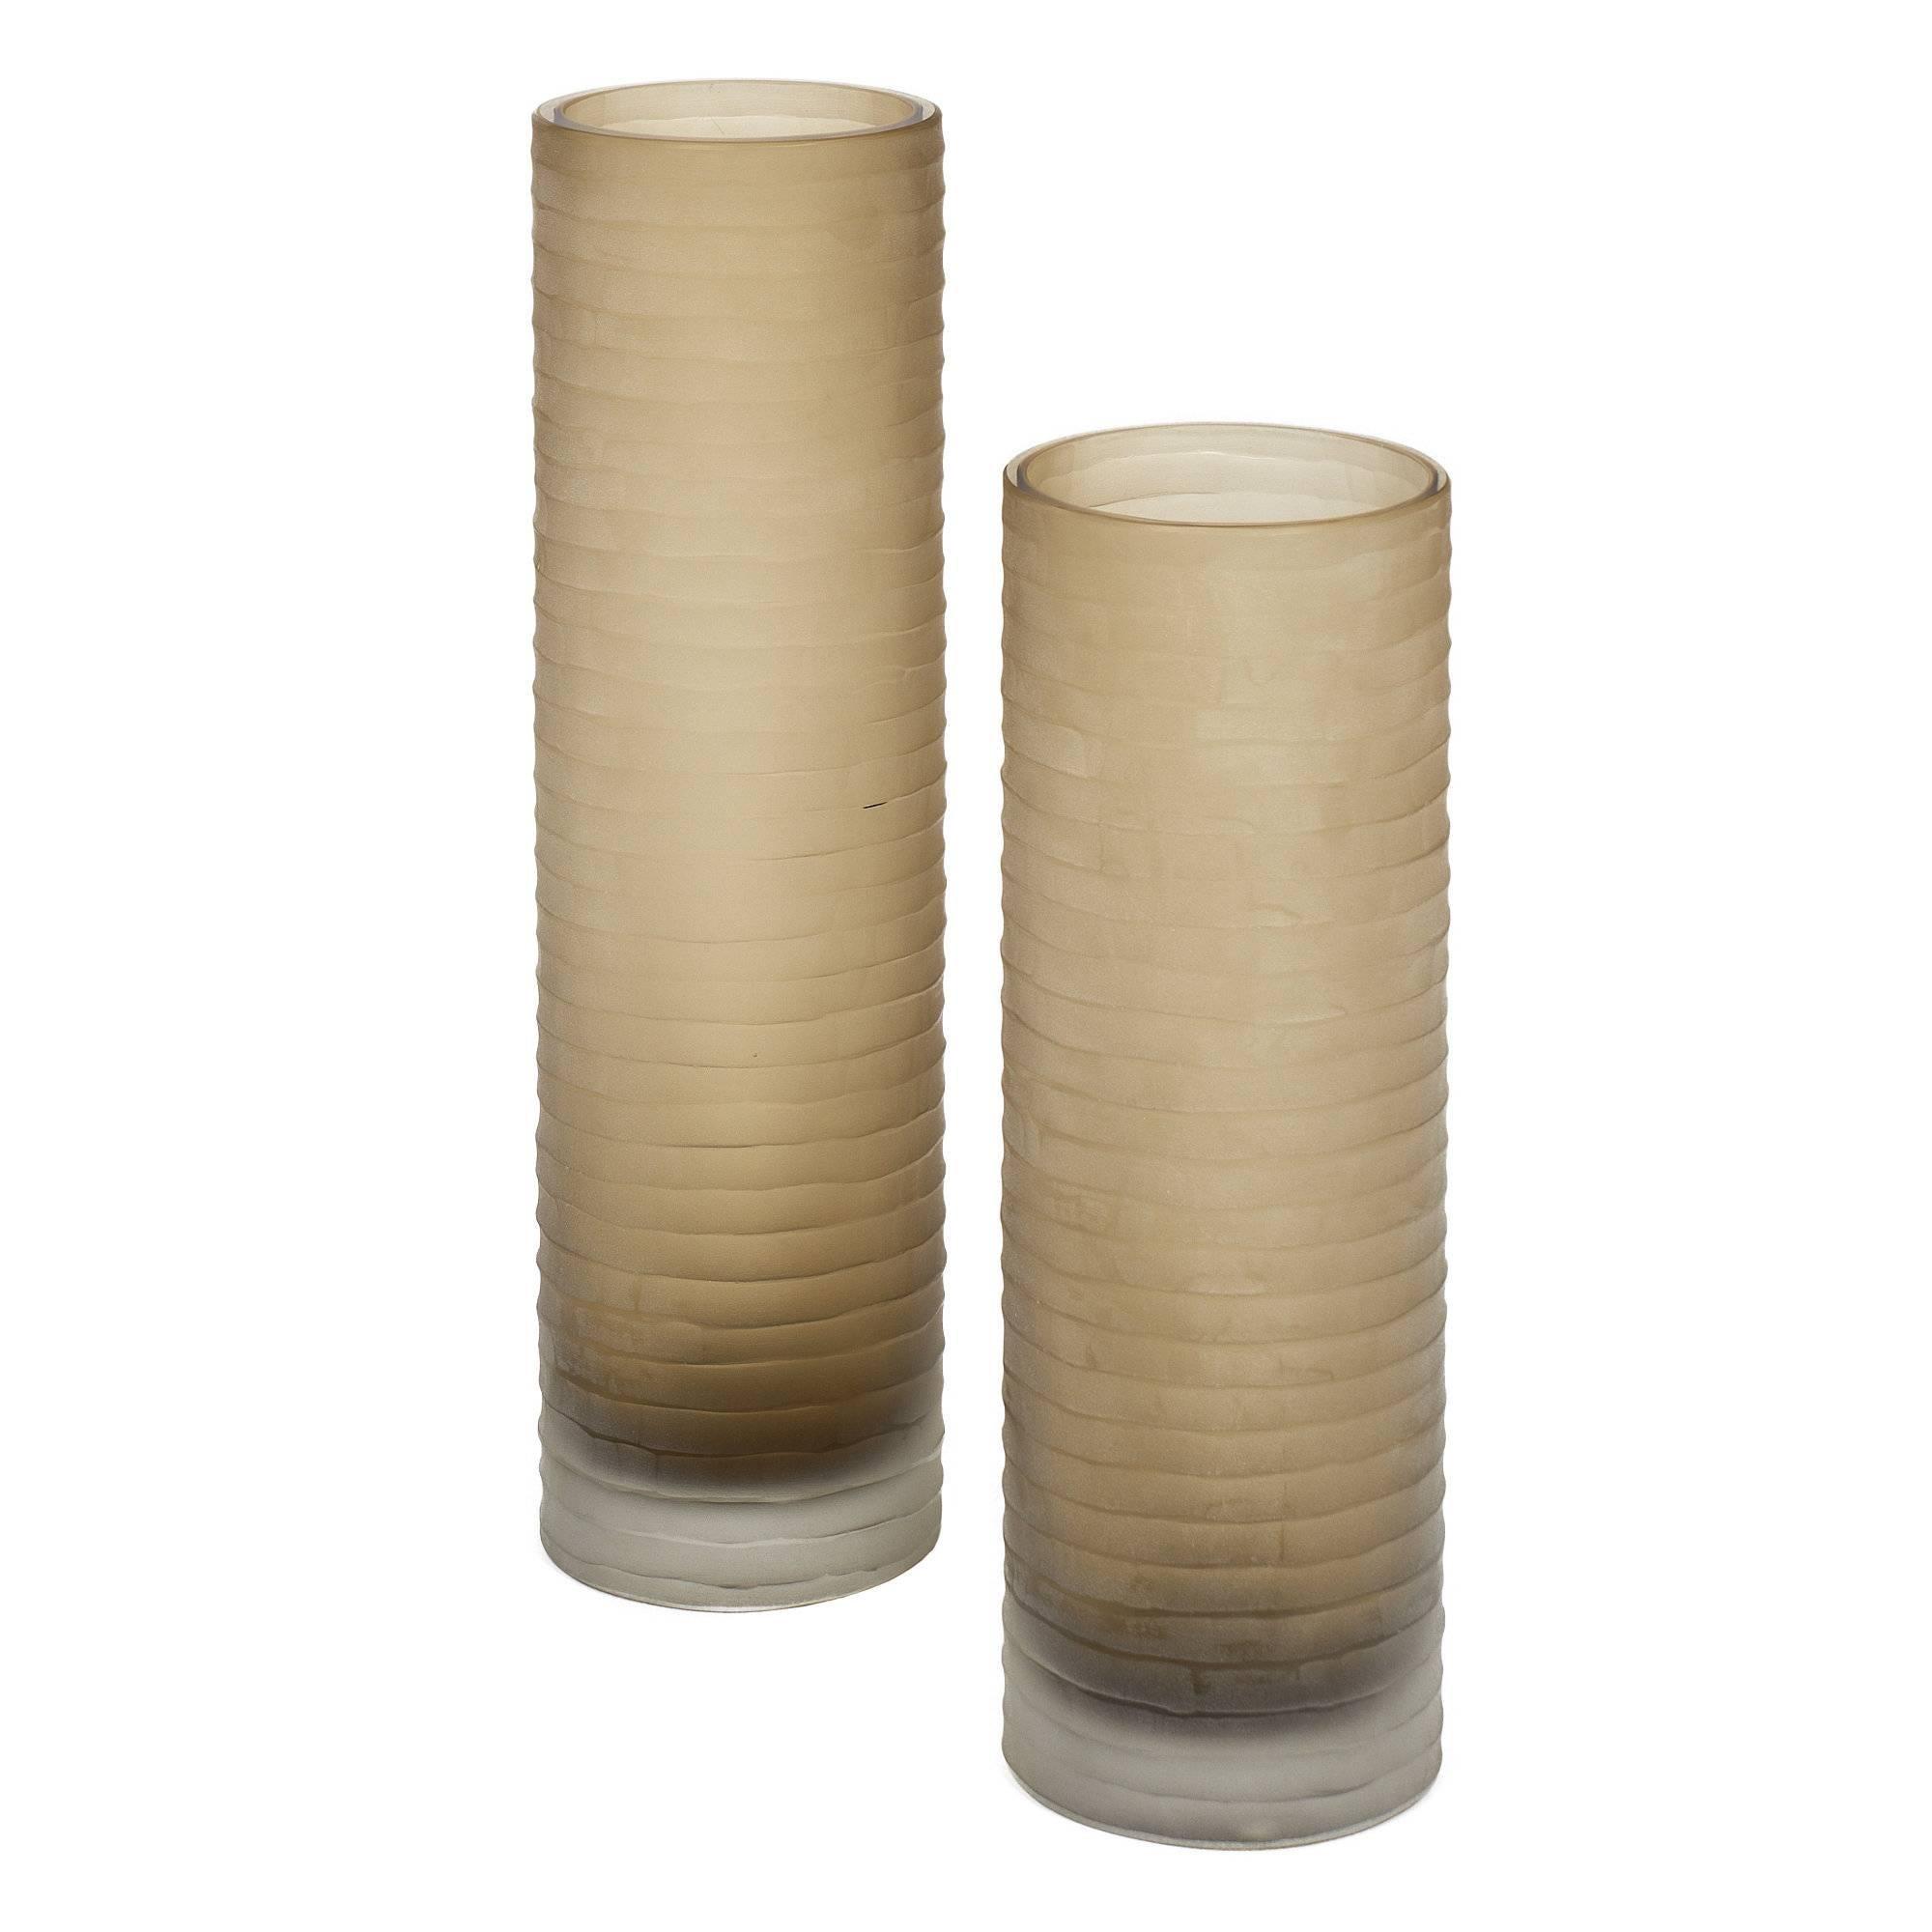 'Battuto' Smoked Murano Glass Vases